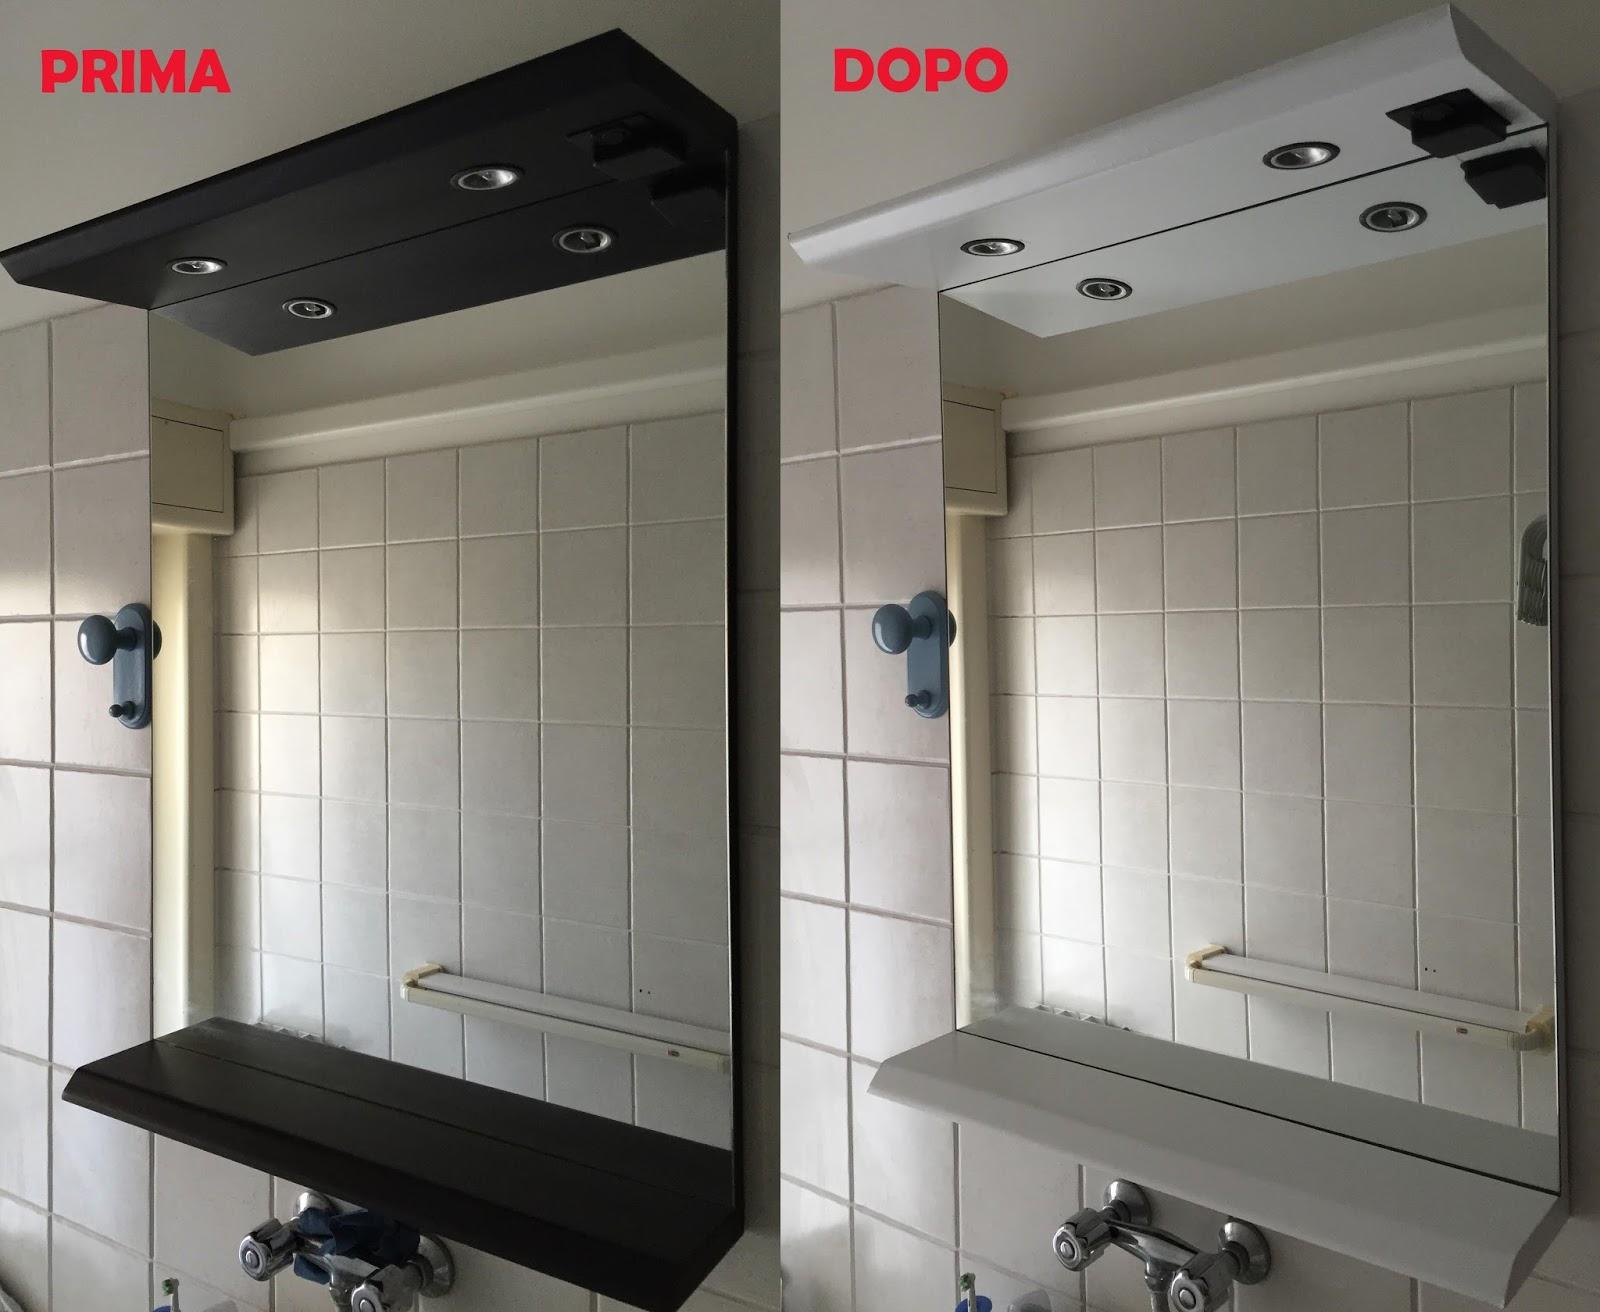 Rivestire mobili cucina con carta adesiva pannelli termoisolanti - Rivestire mobili ...